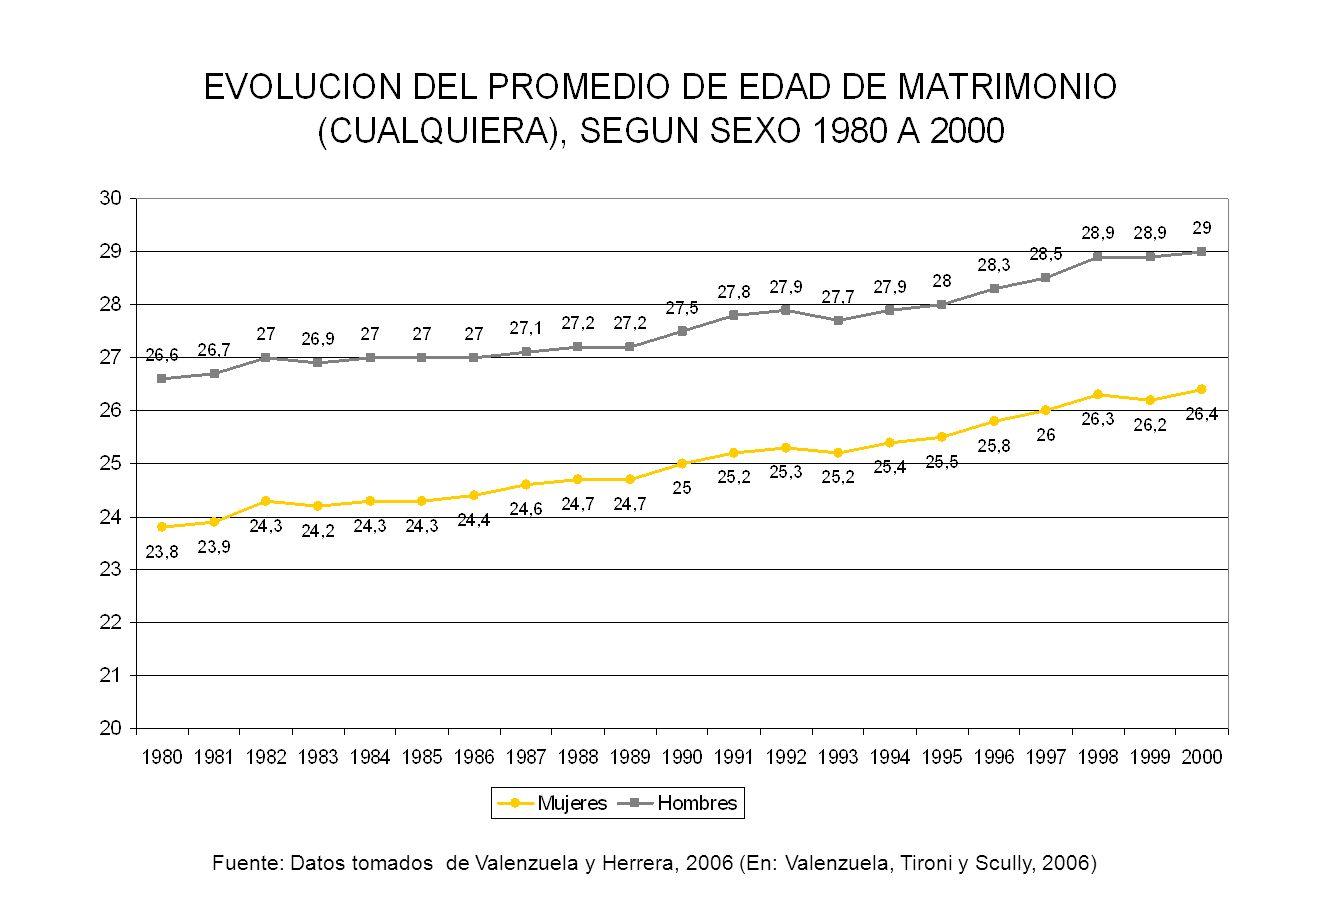 Fuente: Datos tomados de Valenzuela y Herrera, 2006 (En: Valenzuela, Tironi y Scully, 2006)